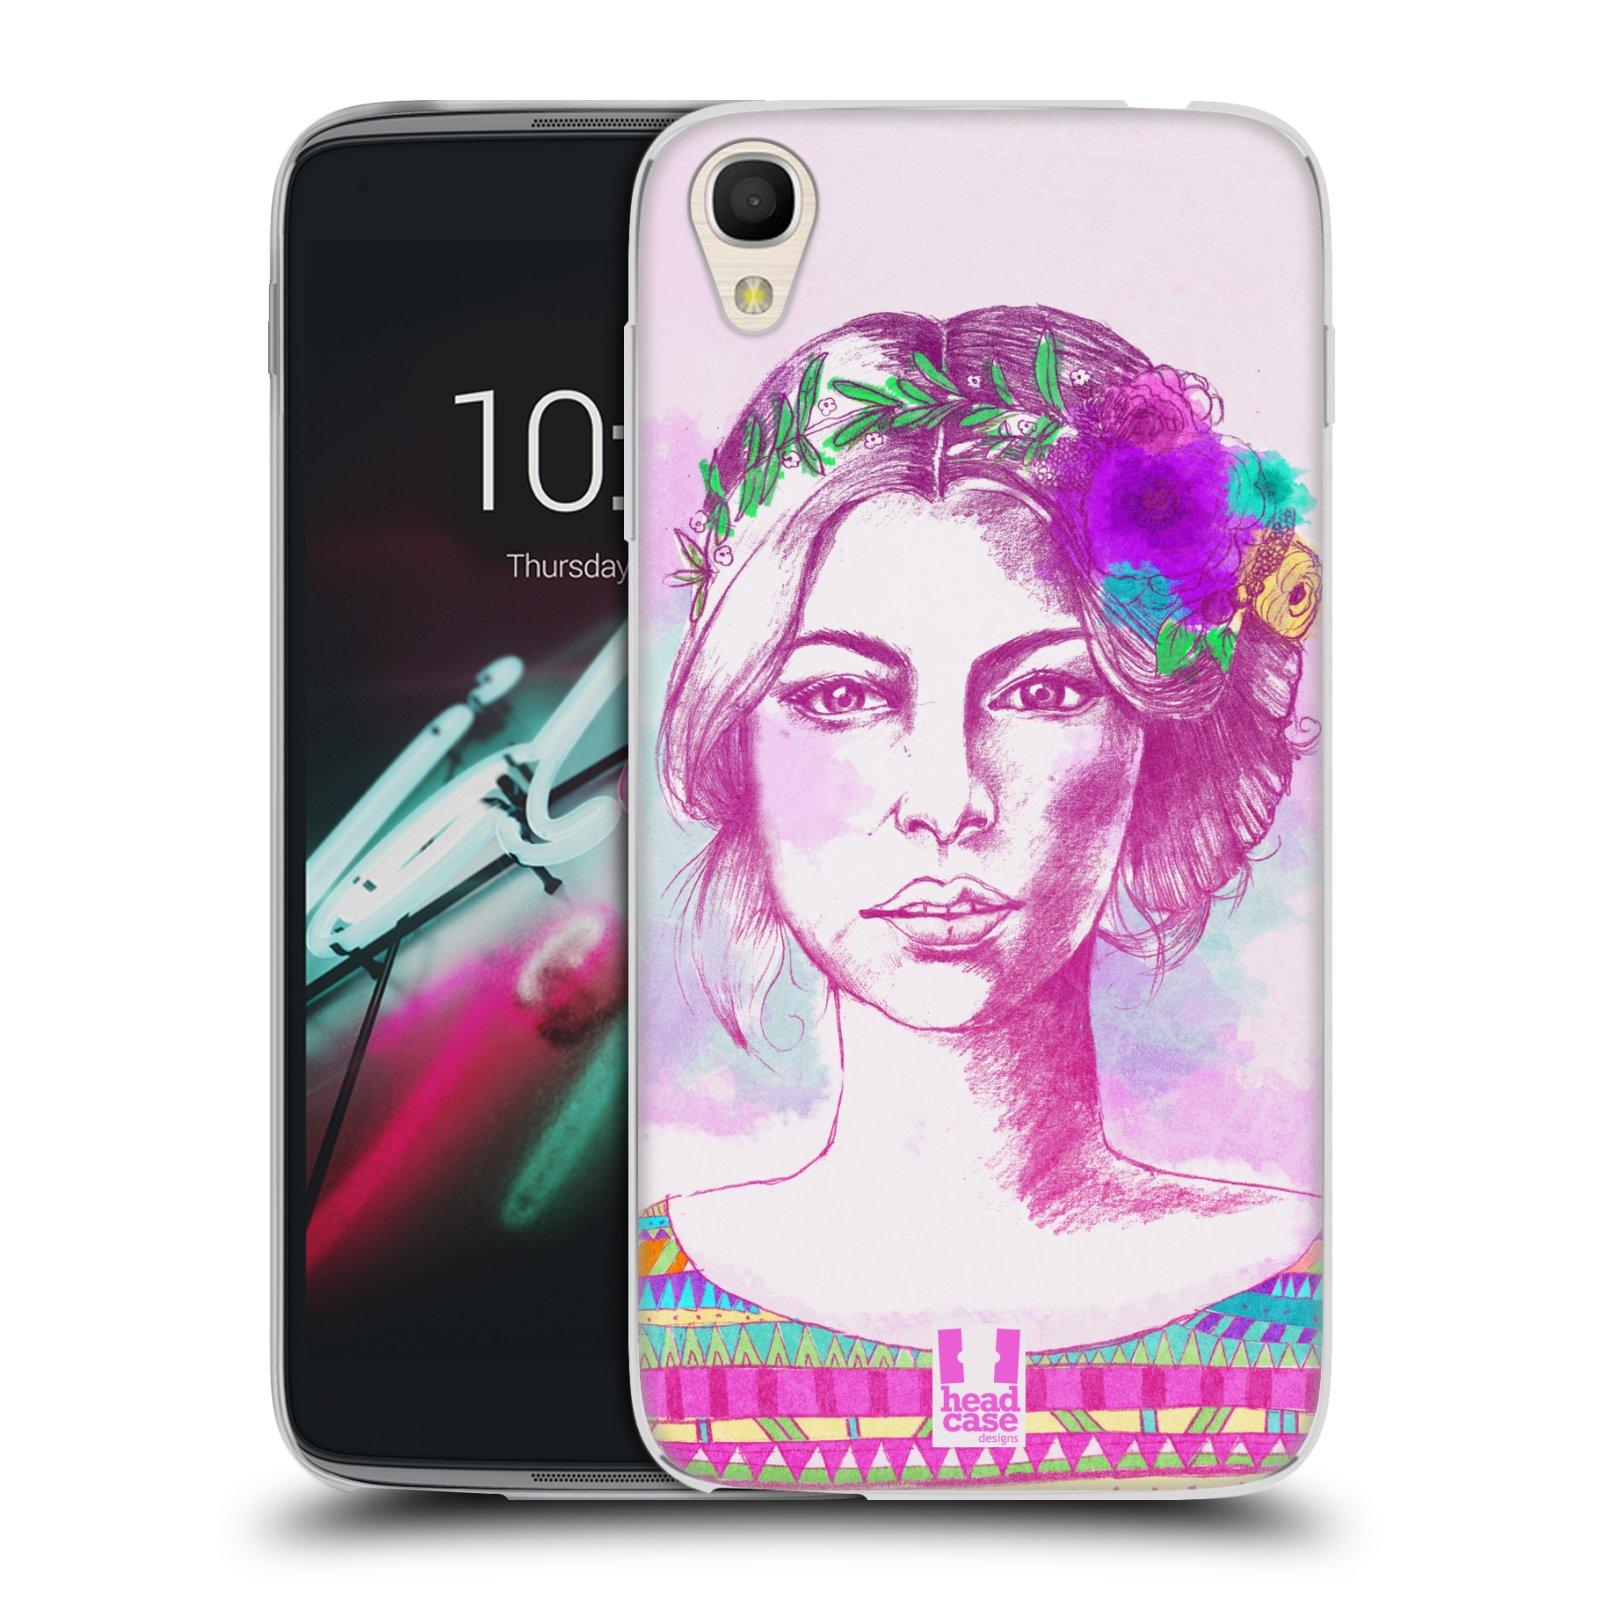 HEAD CASE silikonový obal na mobil Alcatel Idol 3 OT-6039Y (4.7) vzor Dívka krátké vlasy růžová